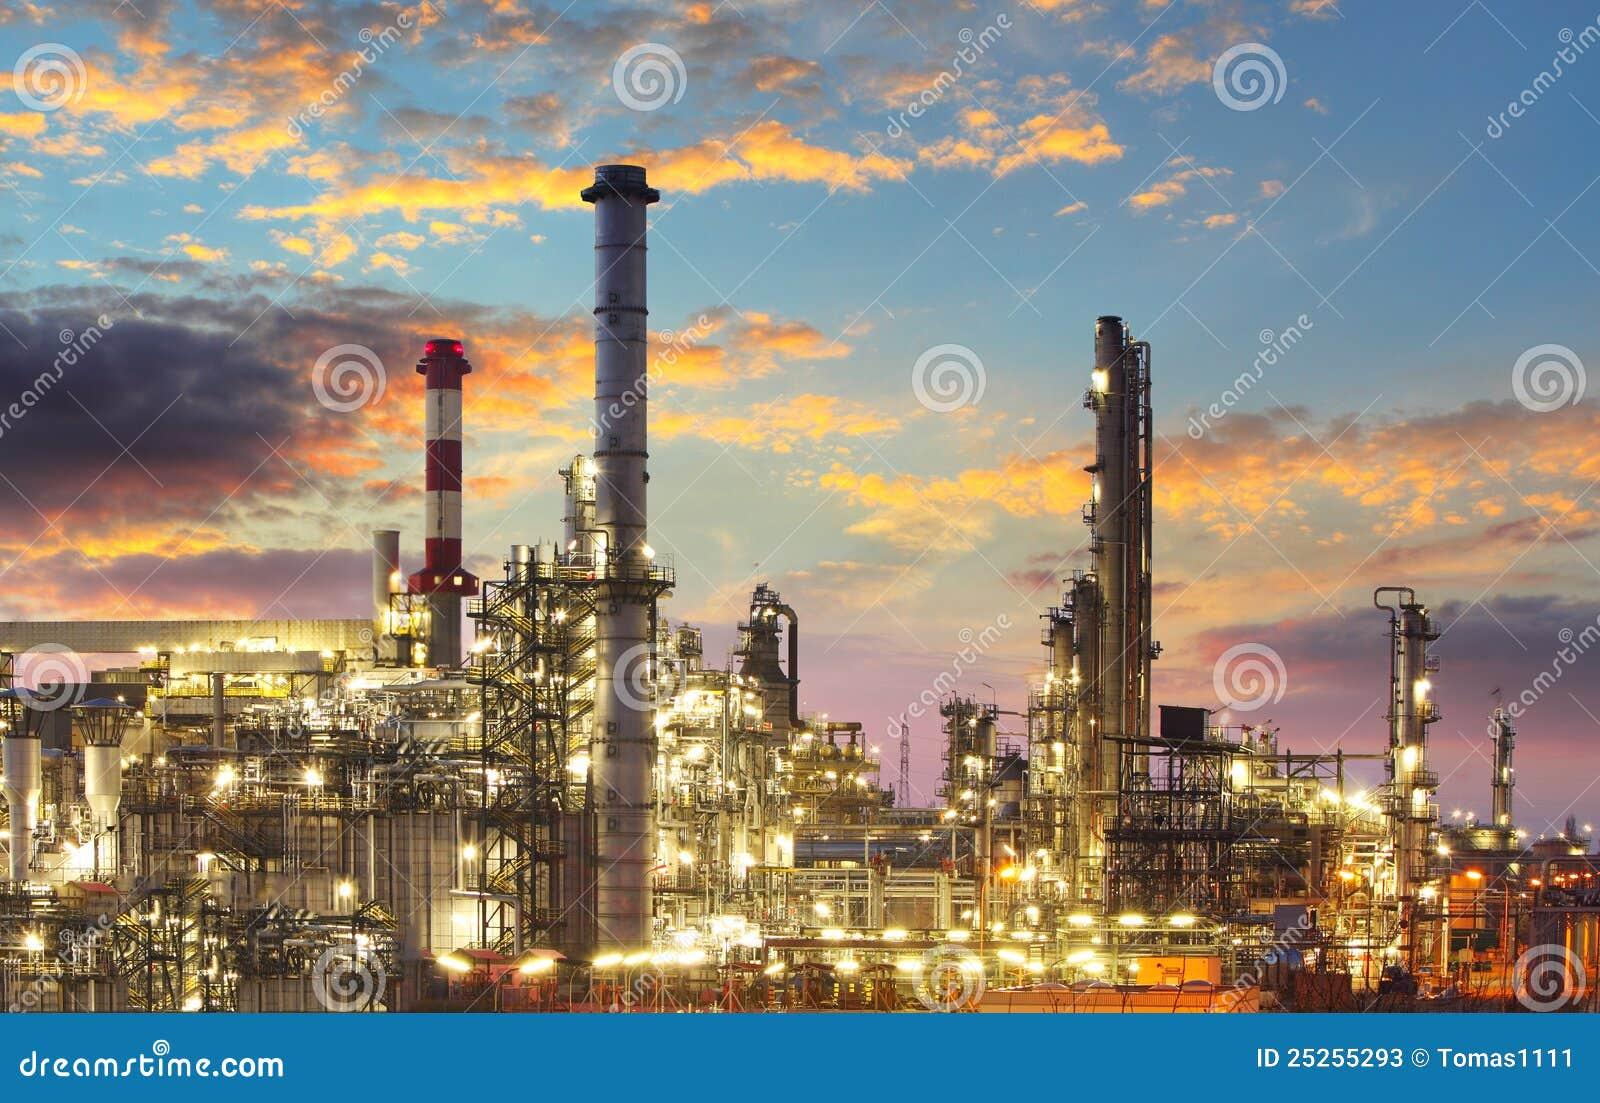 Raffineria del gas e del petrolio a penombra